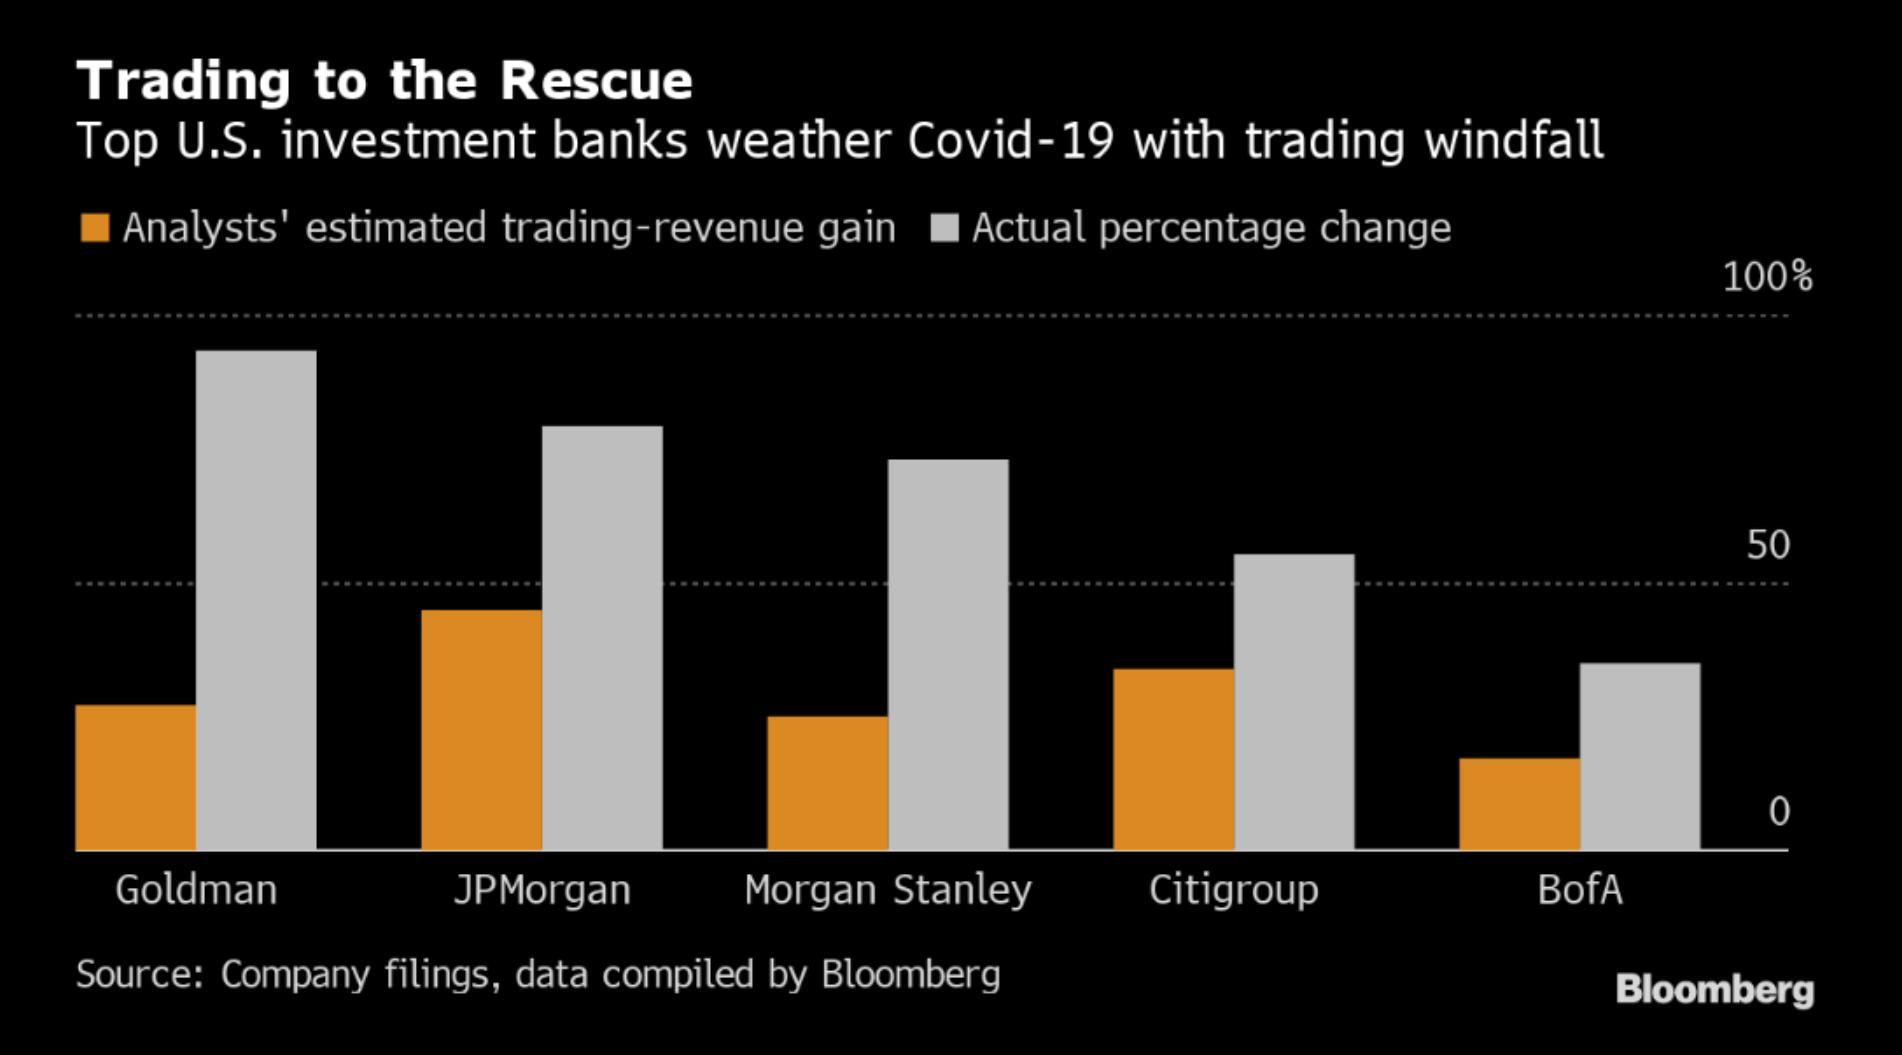 Výnosy z obchodování na kapitálových trzích u velkých amerických investičních bank vzrostly (šedá) výrazně více oproti očekávání analytiků (oranžová), zdroj: Bloomberg